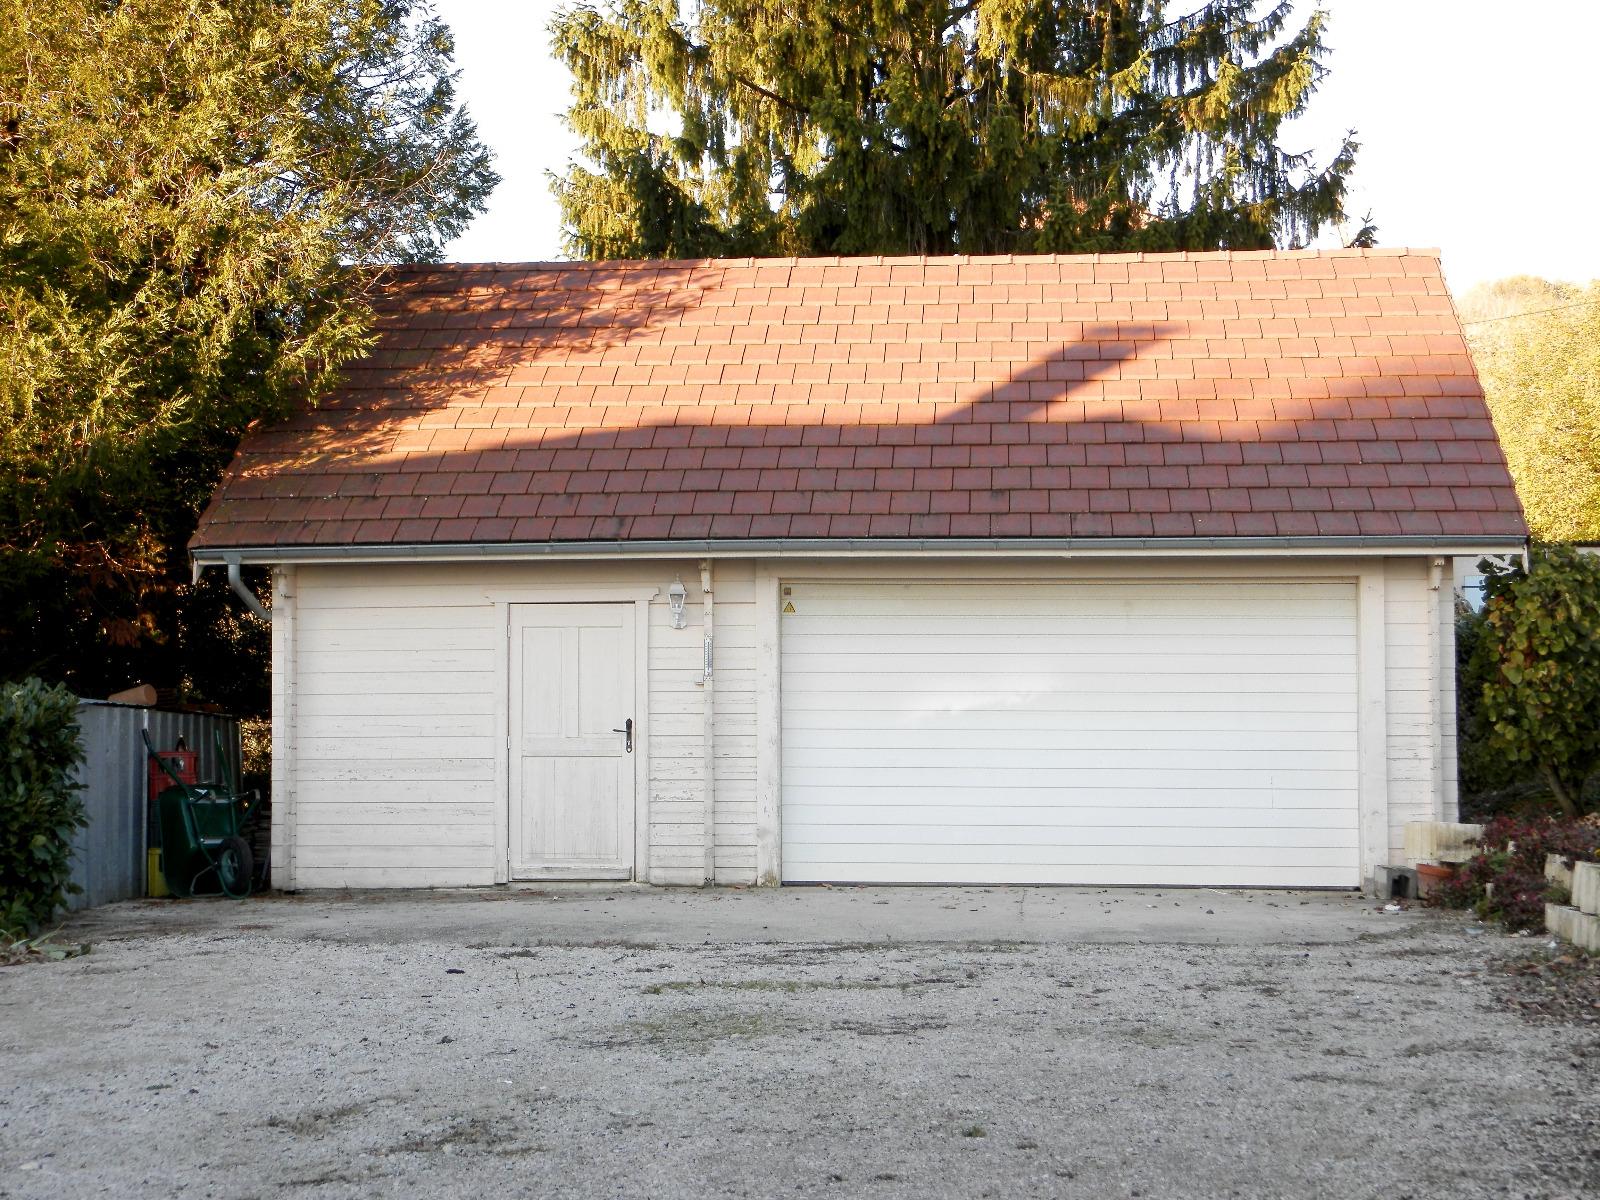 Vente lons le saunier 39 maison 110 m terrain 4777 m for Garage bmw lons le saunier